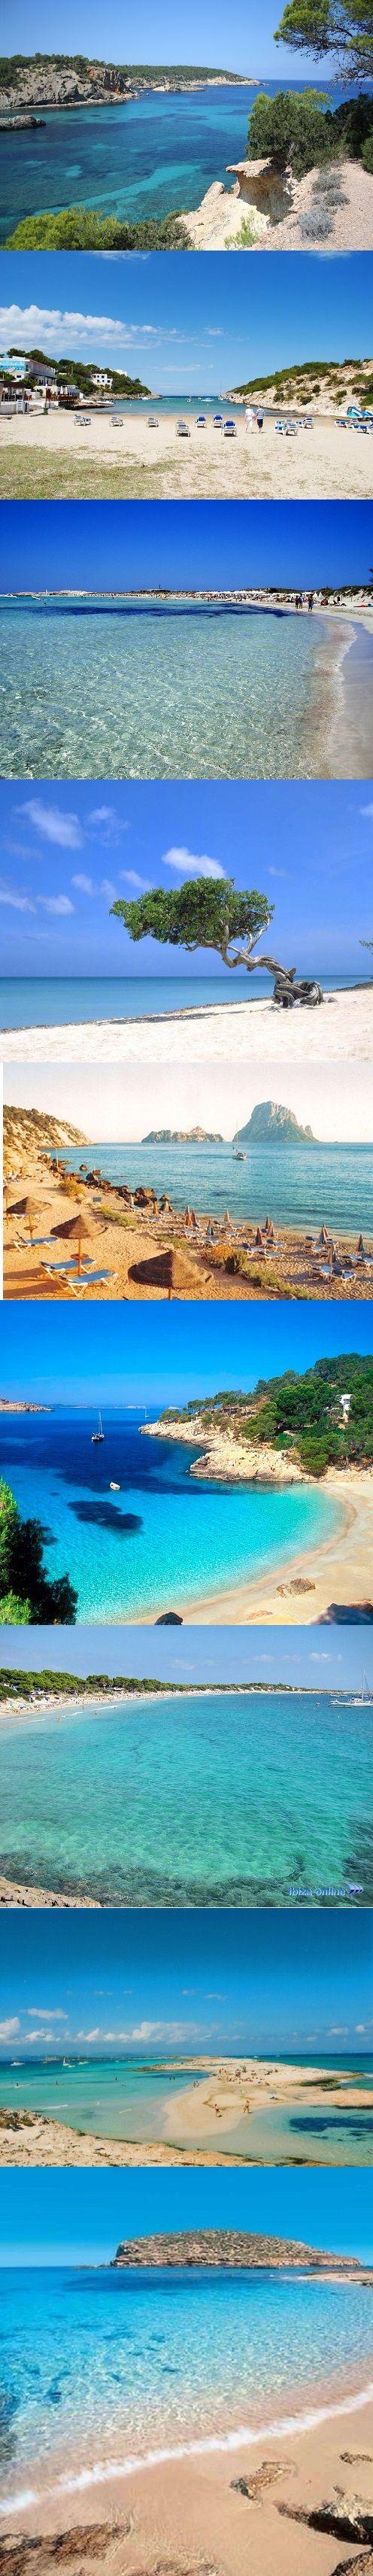 Ibiza Beaches Spain Ibiza Beach Ibiza Formentera Places To Visit